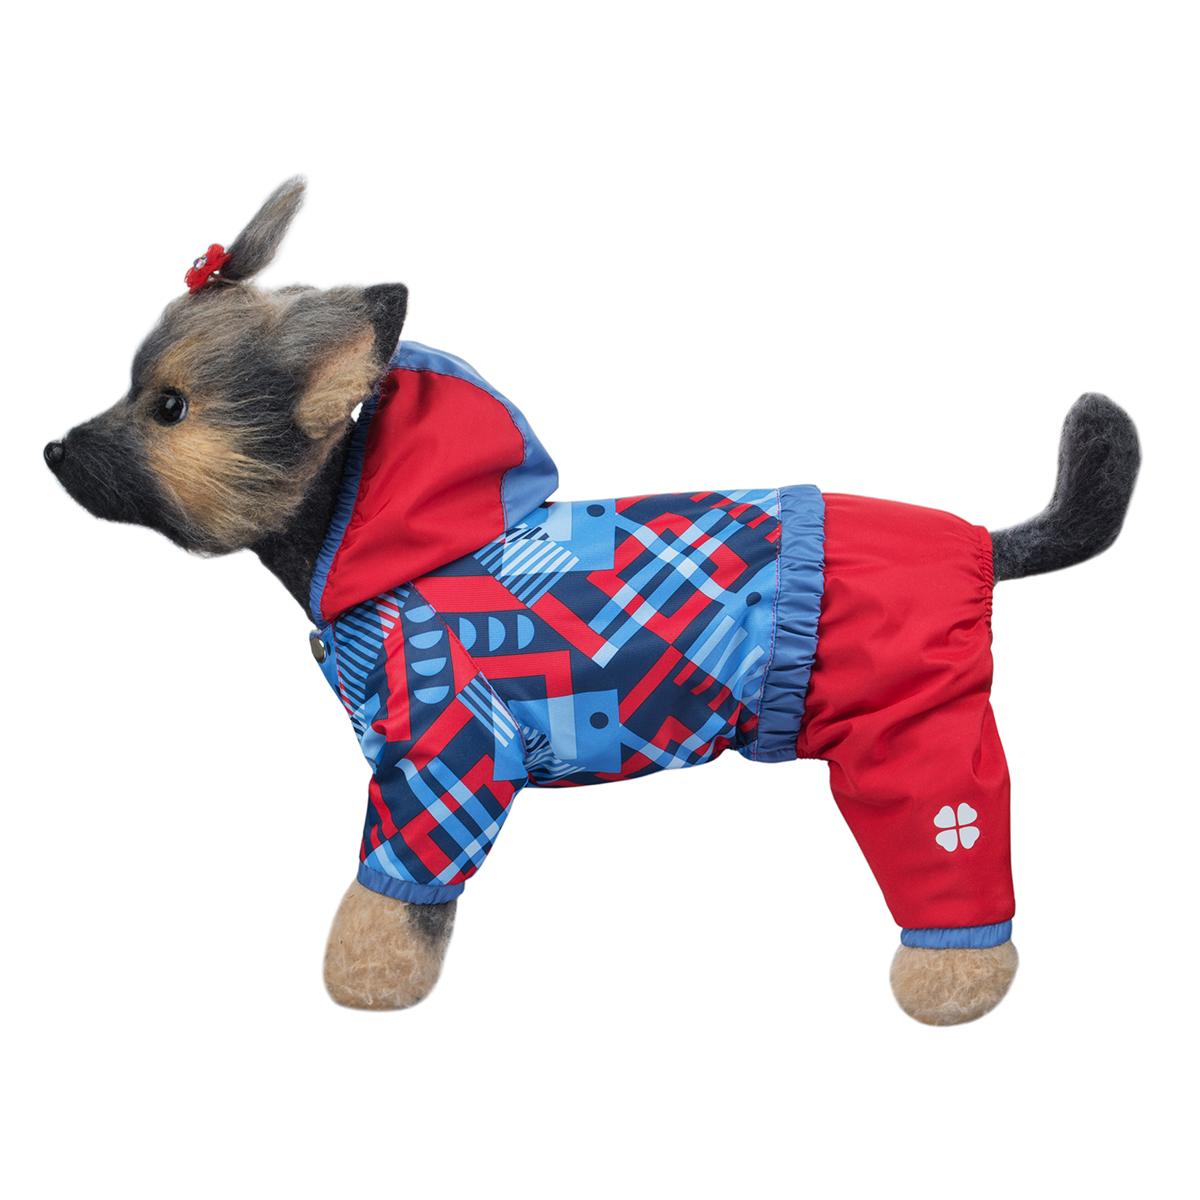 Комбинезон для собак Dogmoda Прогулочный, для девочки, цвет: голубой, красный. Размер 4 (XL) догмода футболка с капюшоном для собак dogmoda 1